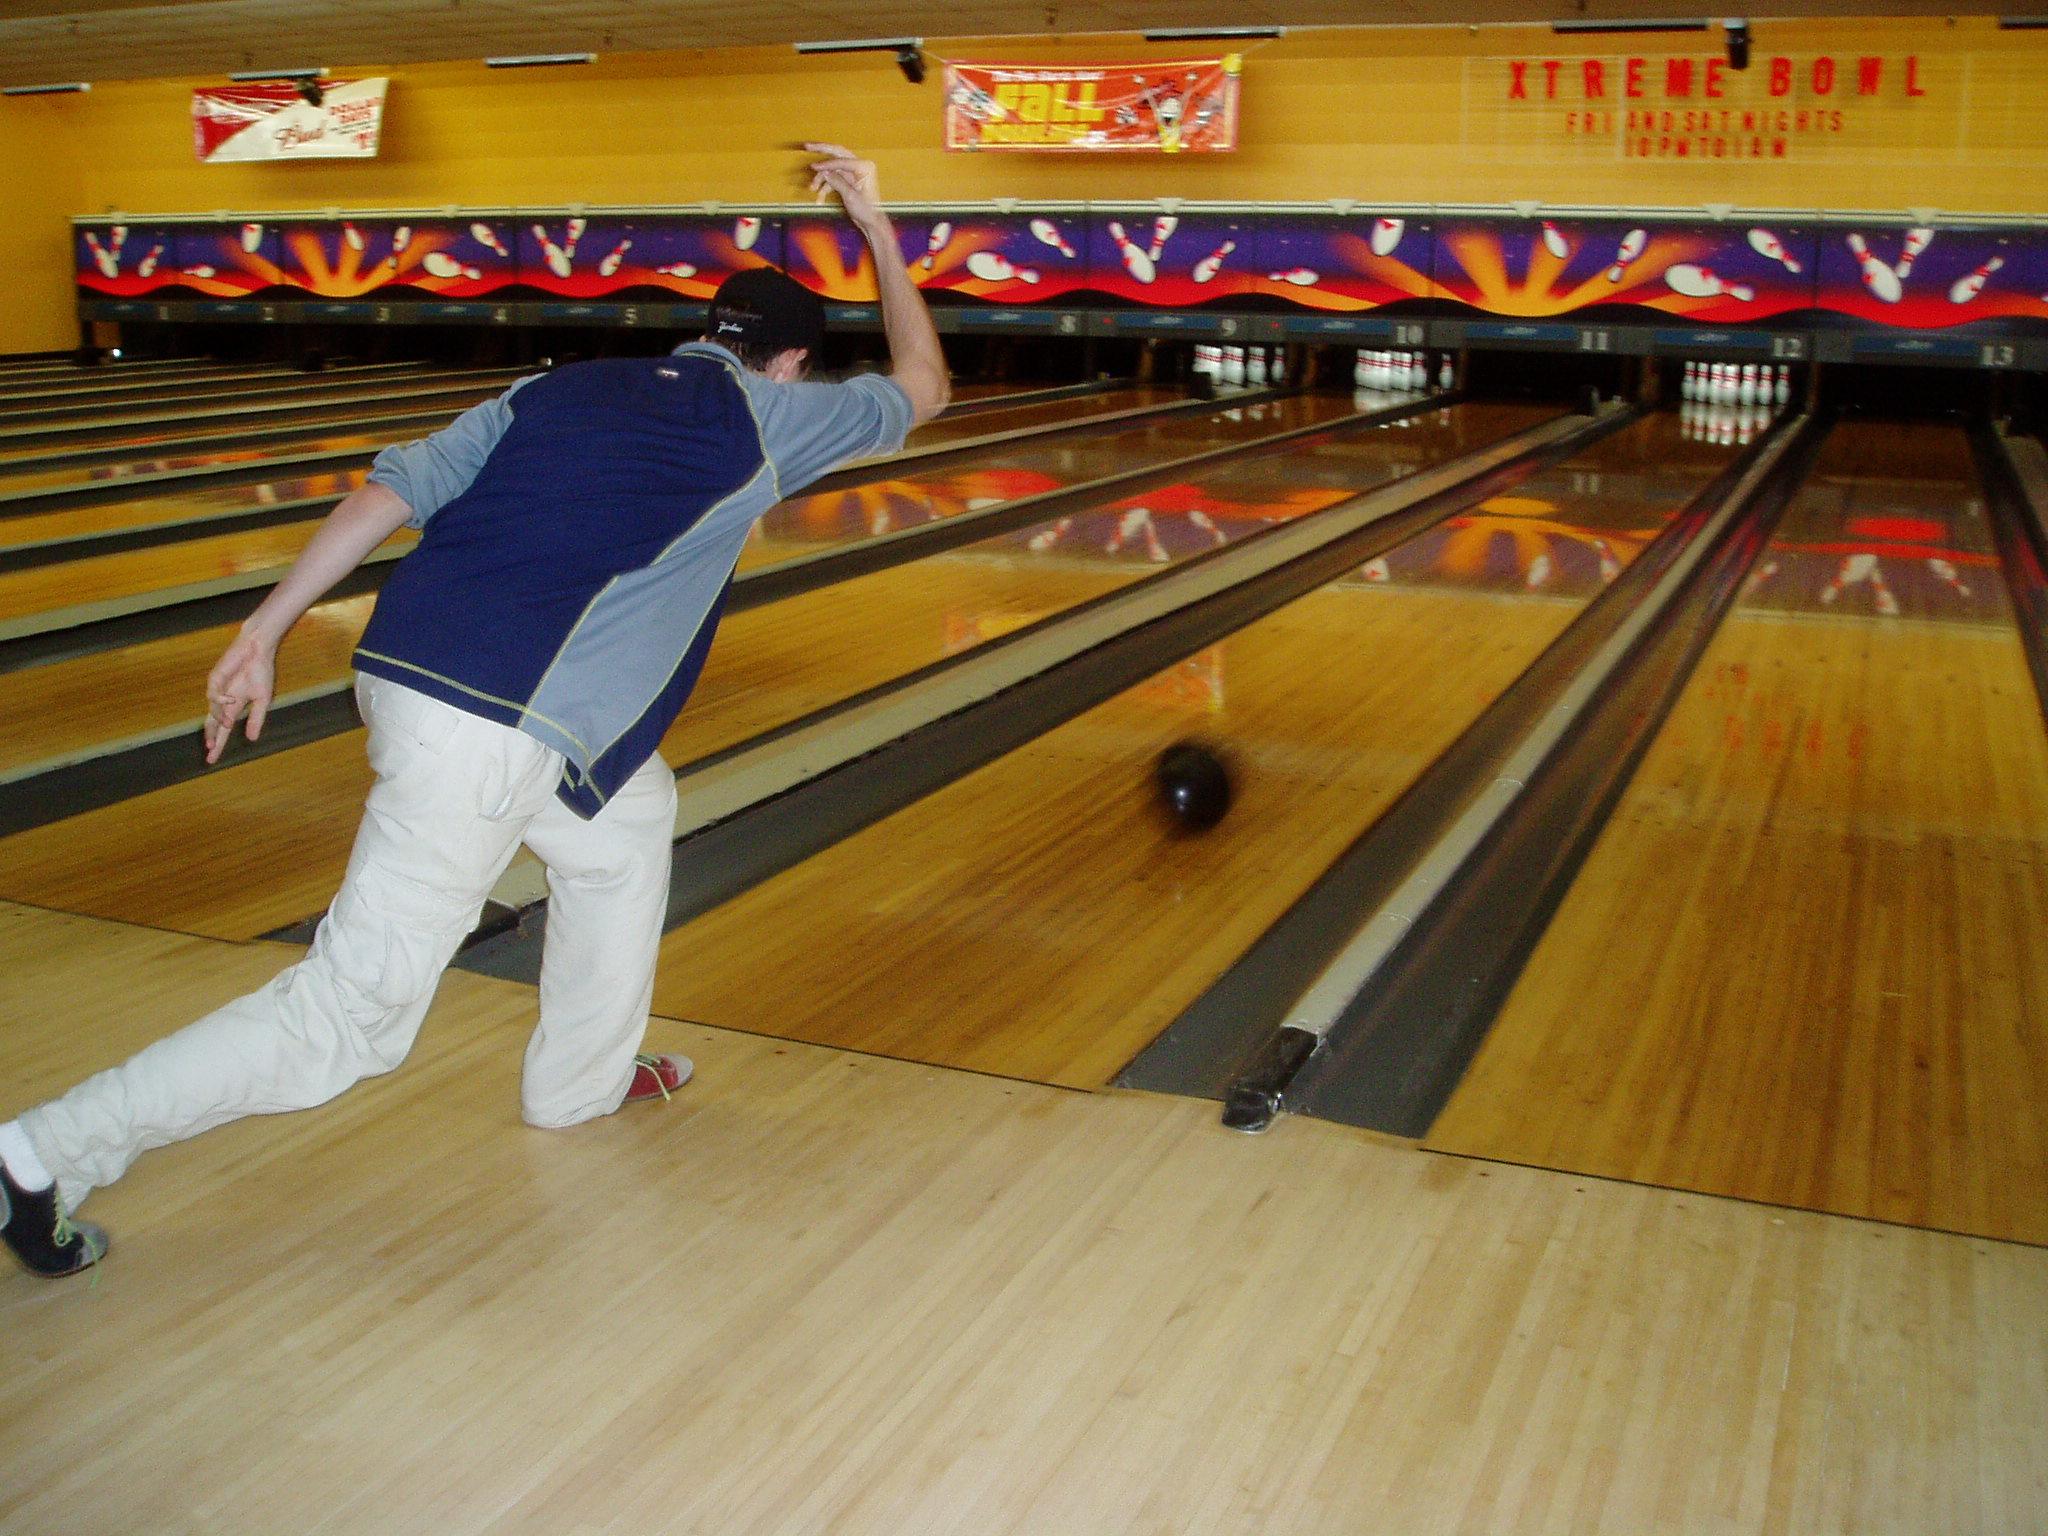 Fun N Fair Bowling Alley